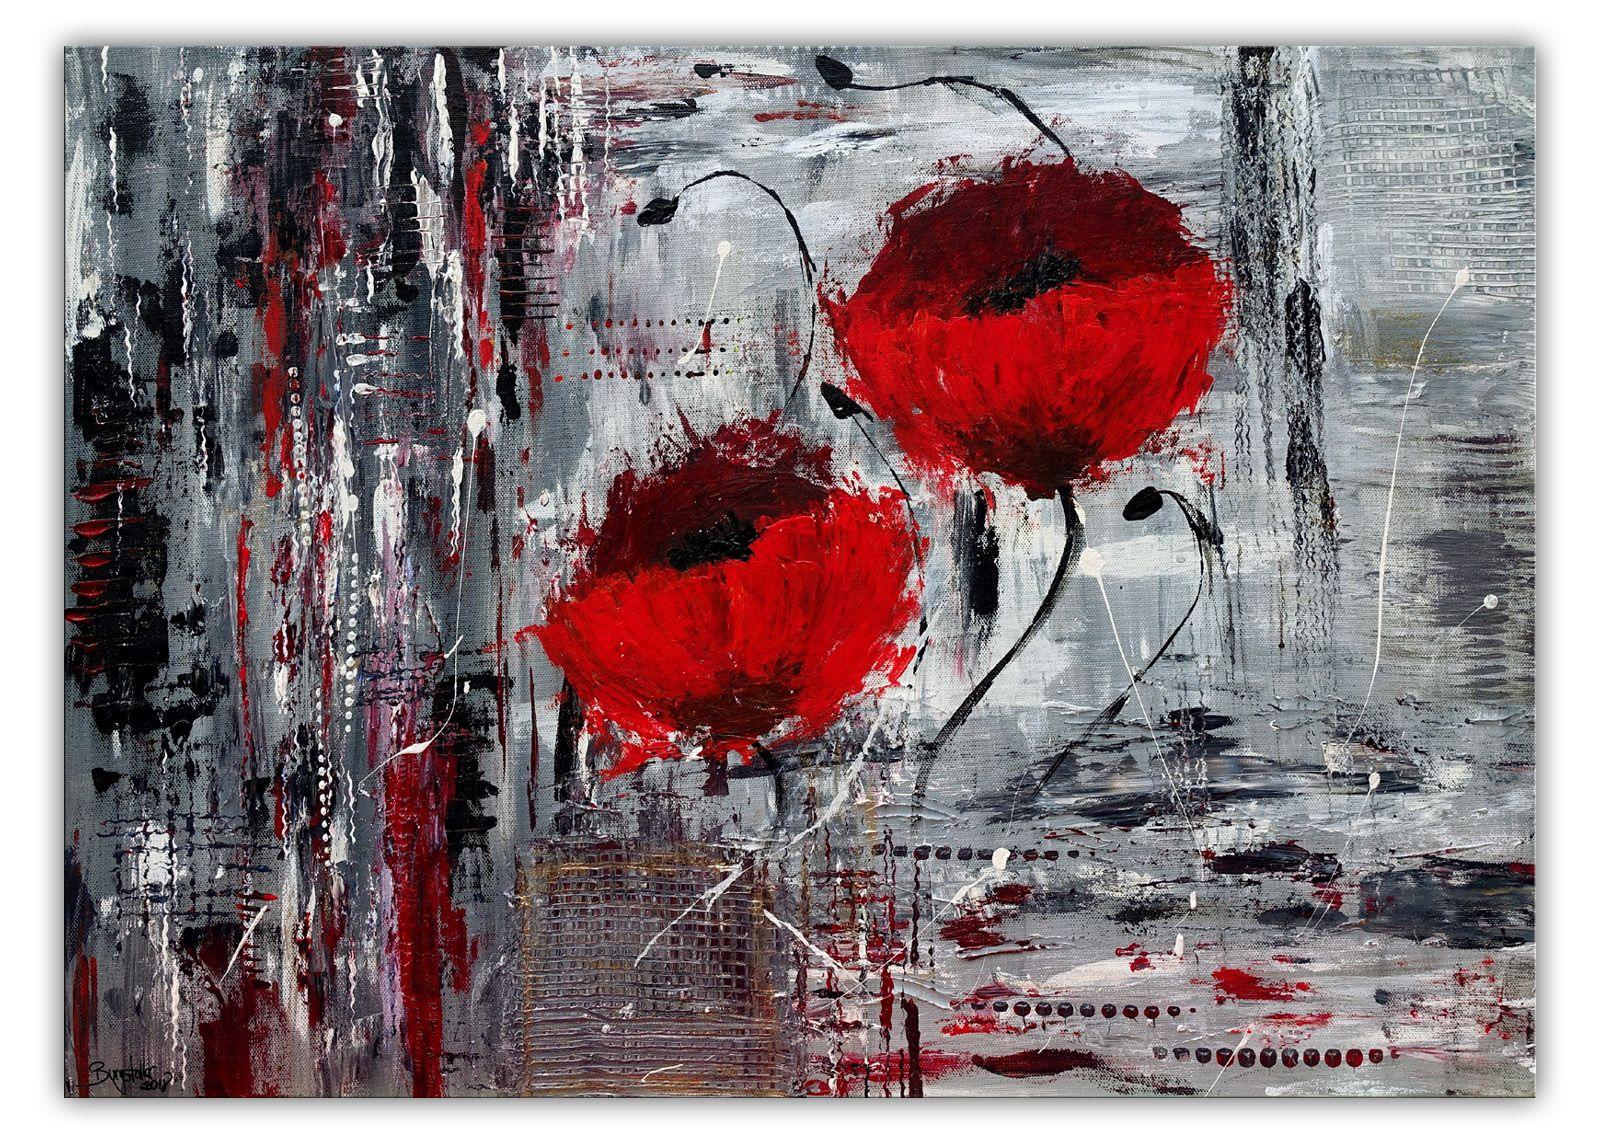 Bluten Blumen Malerei Acryl Gemalde Unikat Acrylbilder Abstrakt Malerei Acrylmalerei Abstrakt